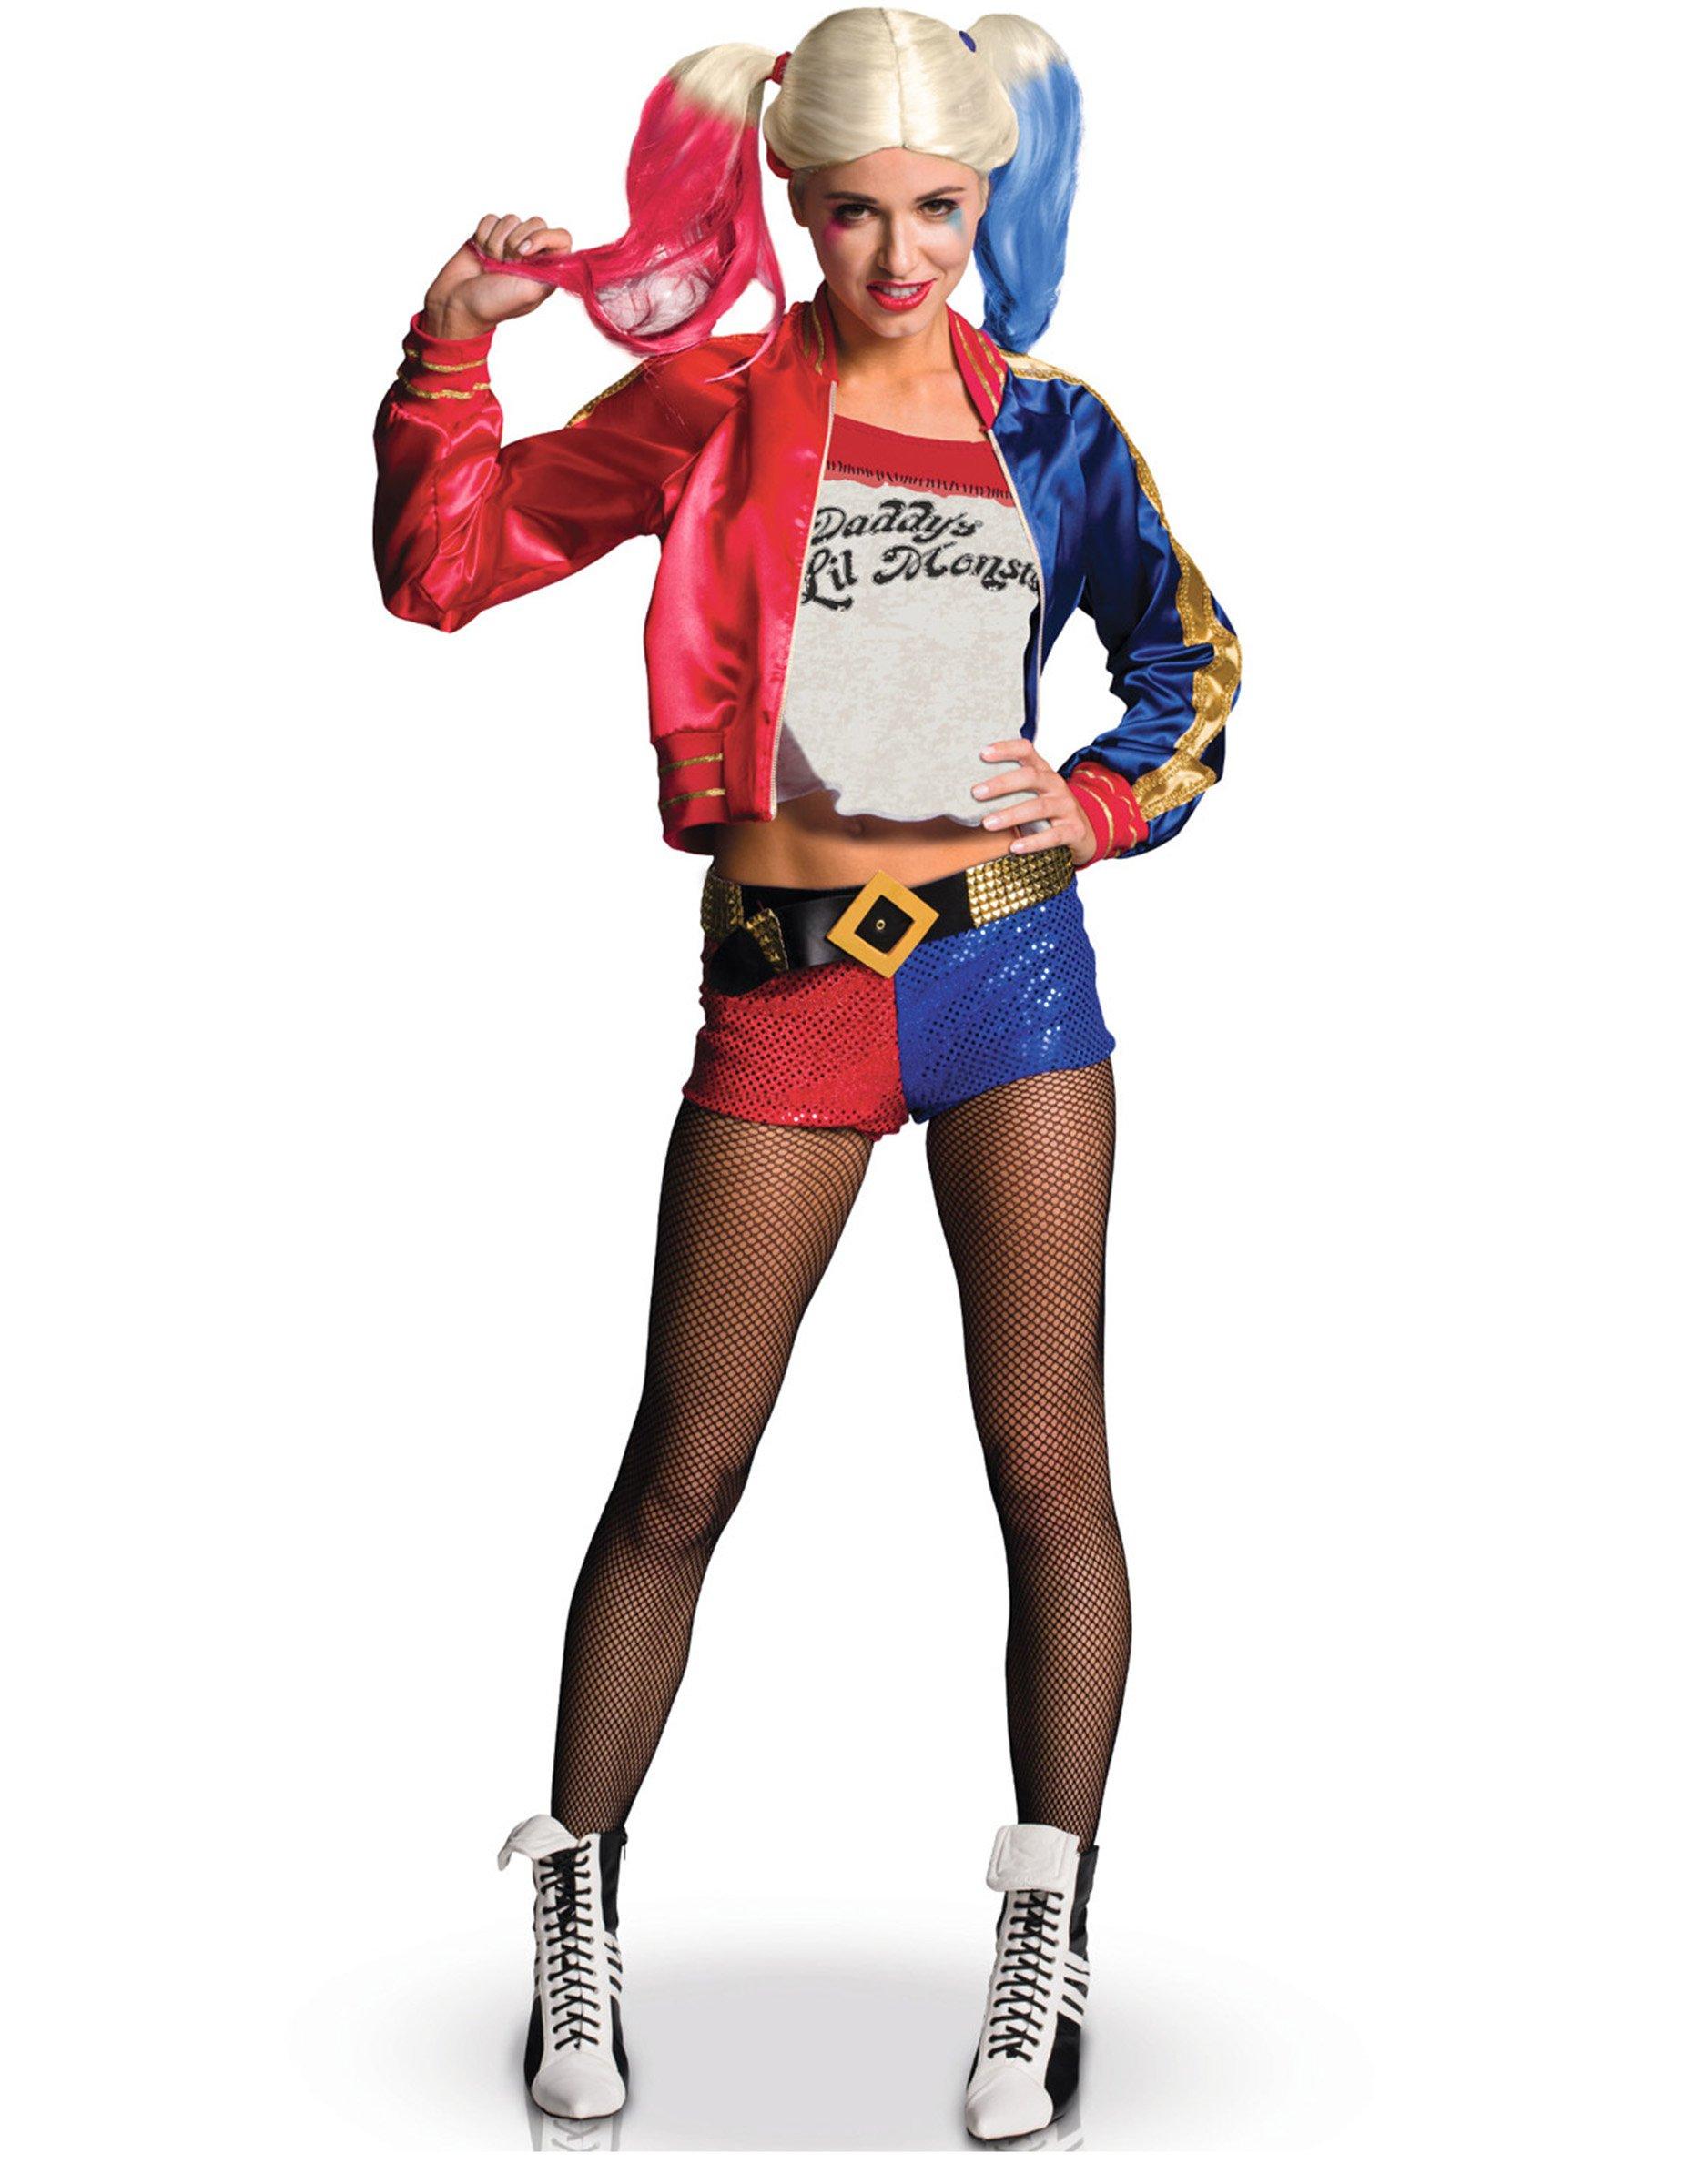 592ffa6fb Disfraz Harley Quinn adulto deluxe - Escuadrón Suicida™